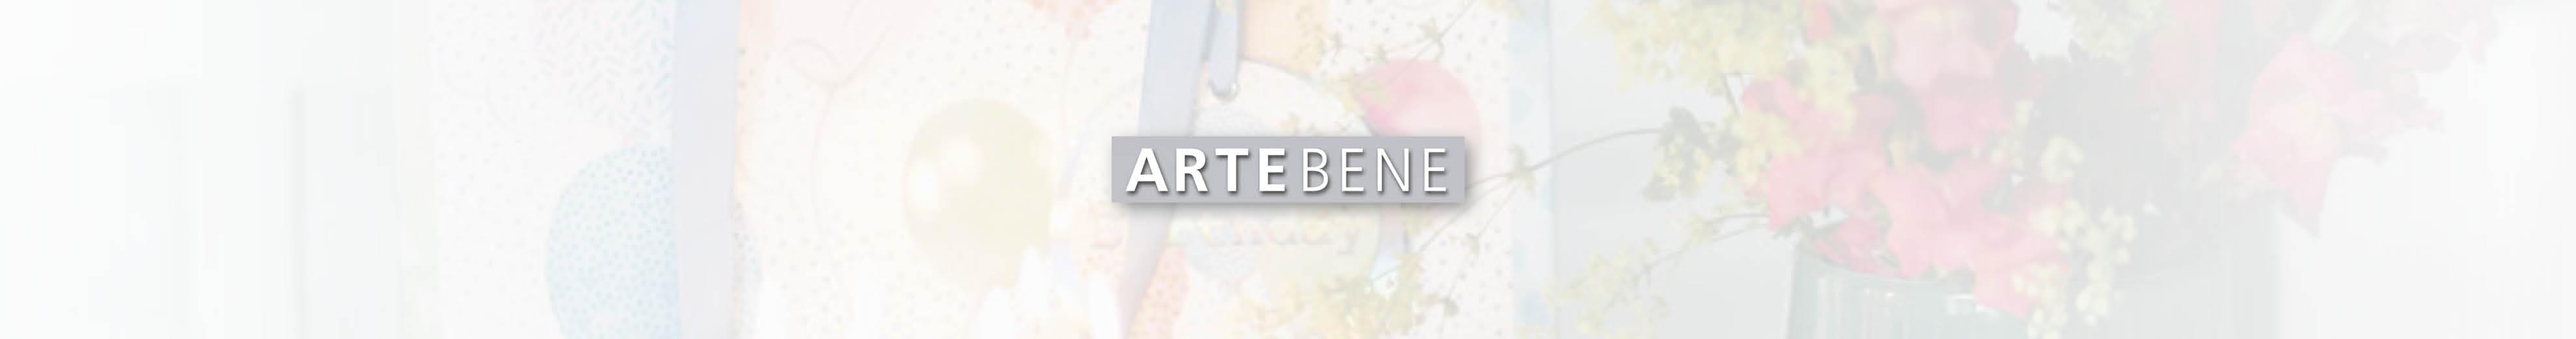 slide_arte_bene_20202